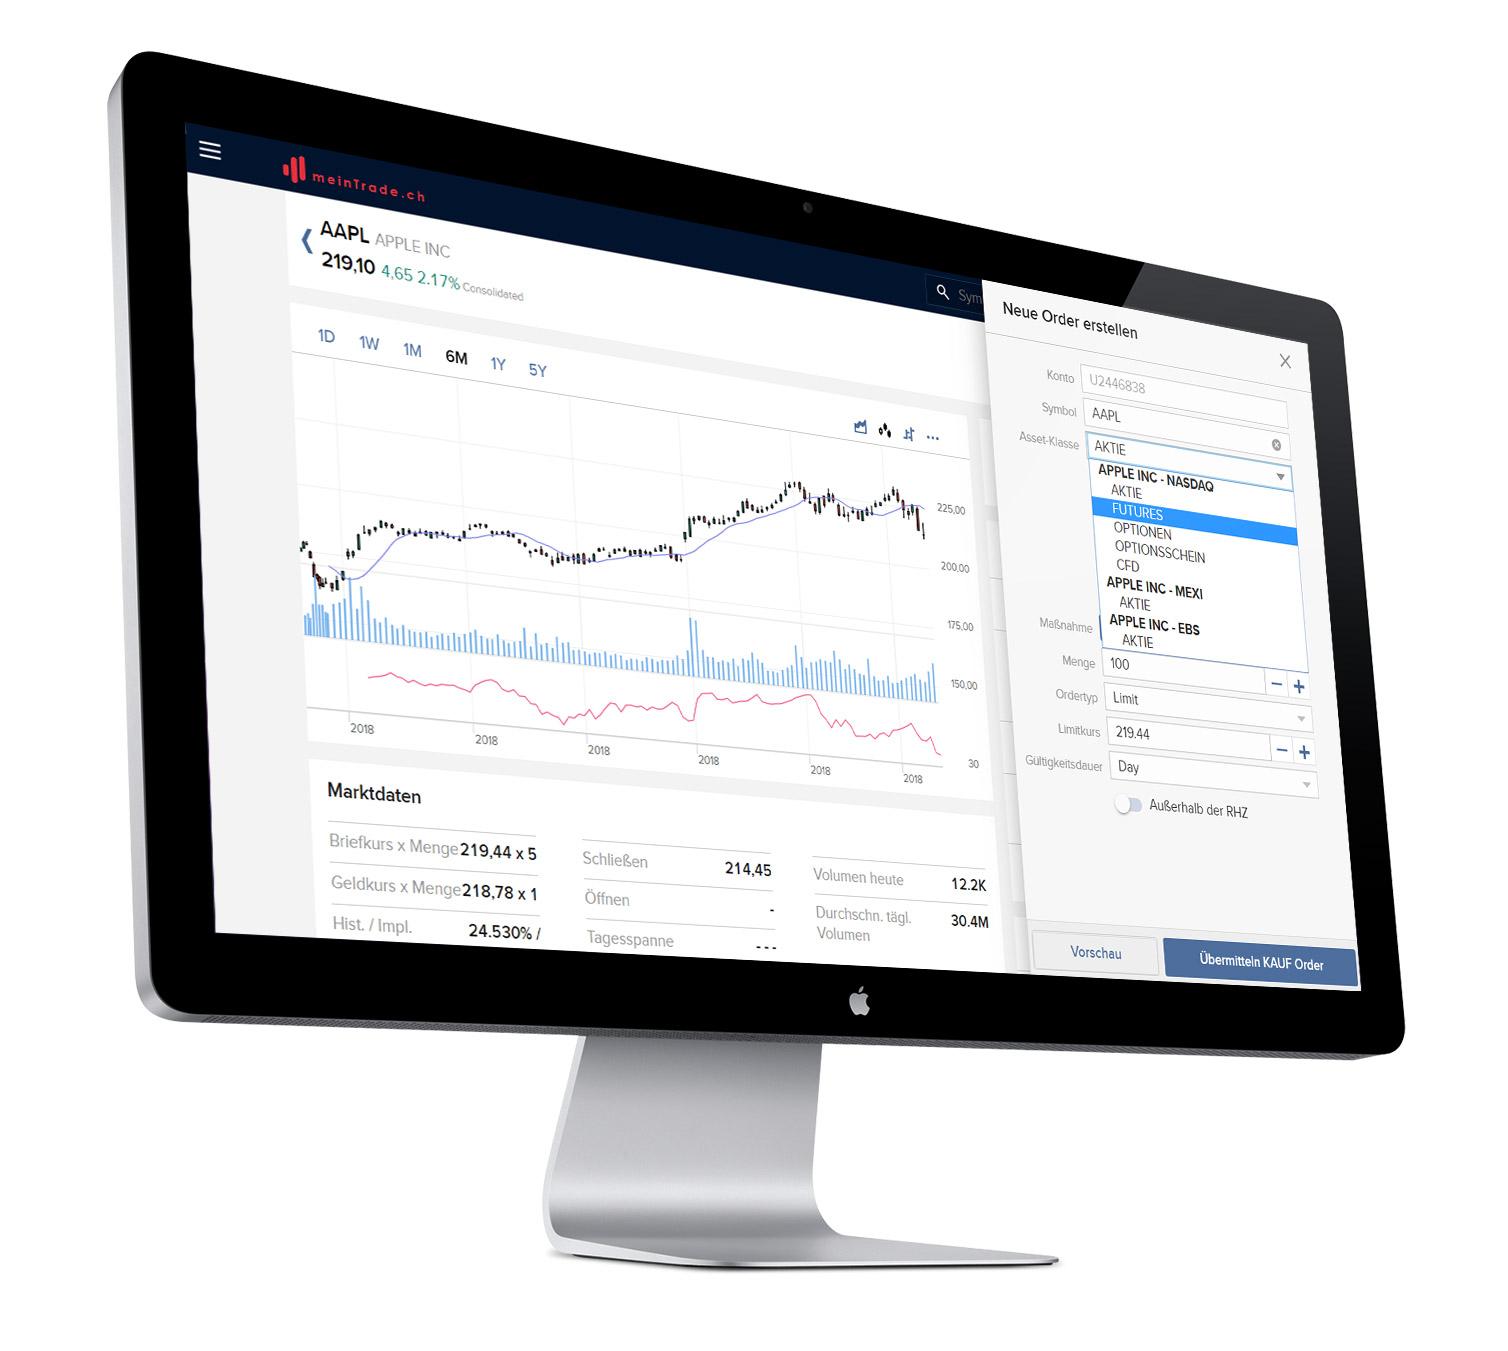 Online mit dem Client Portal handeln